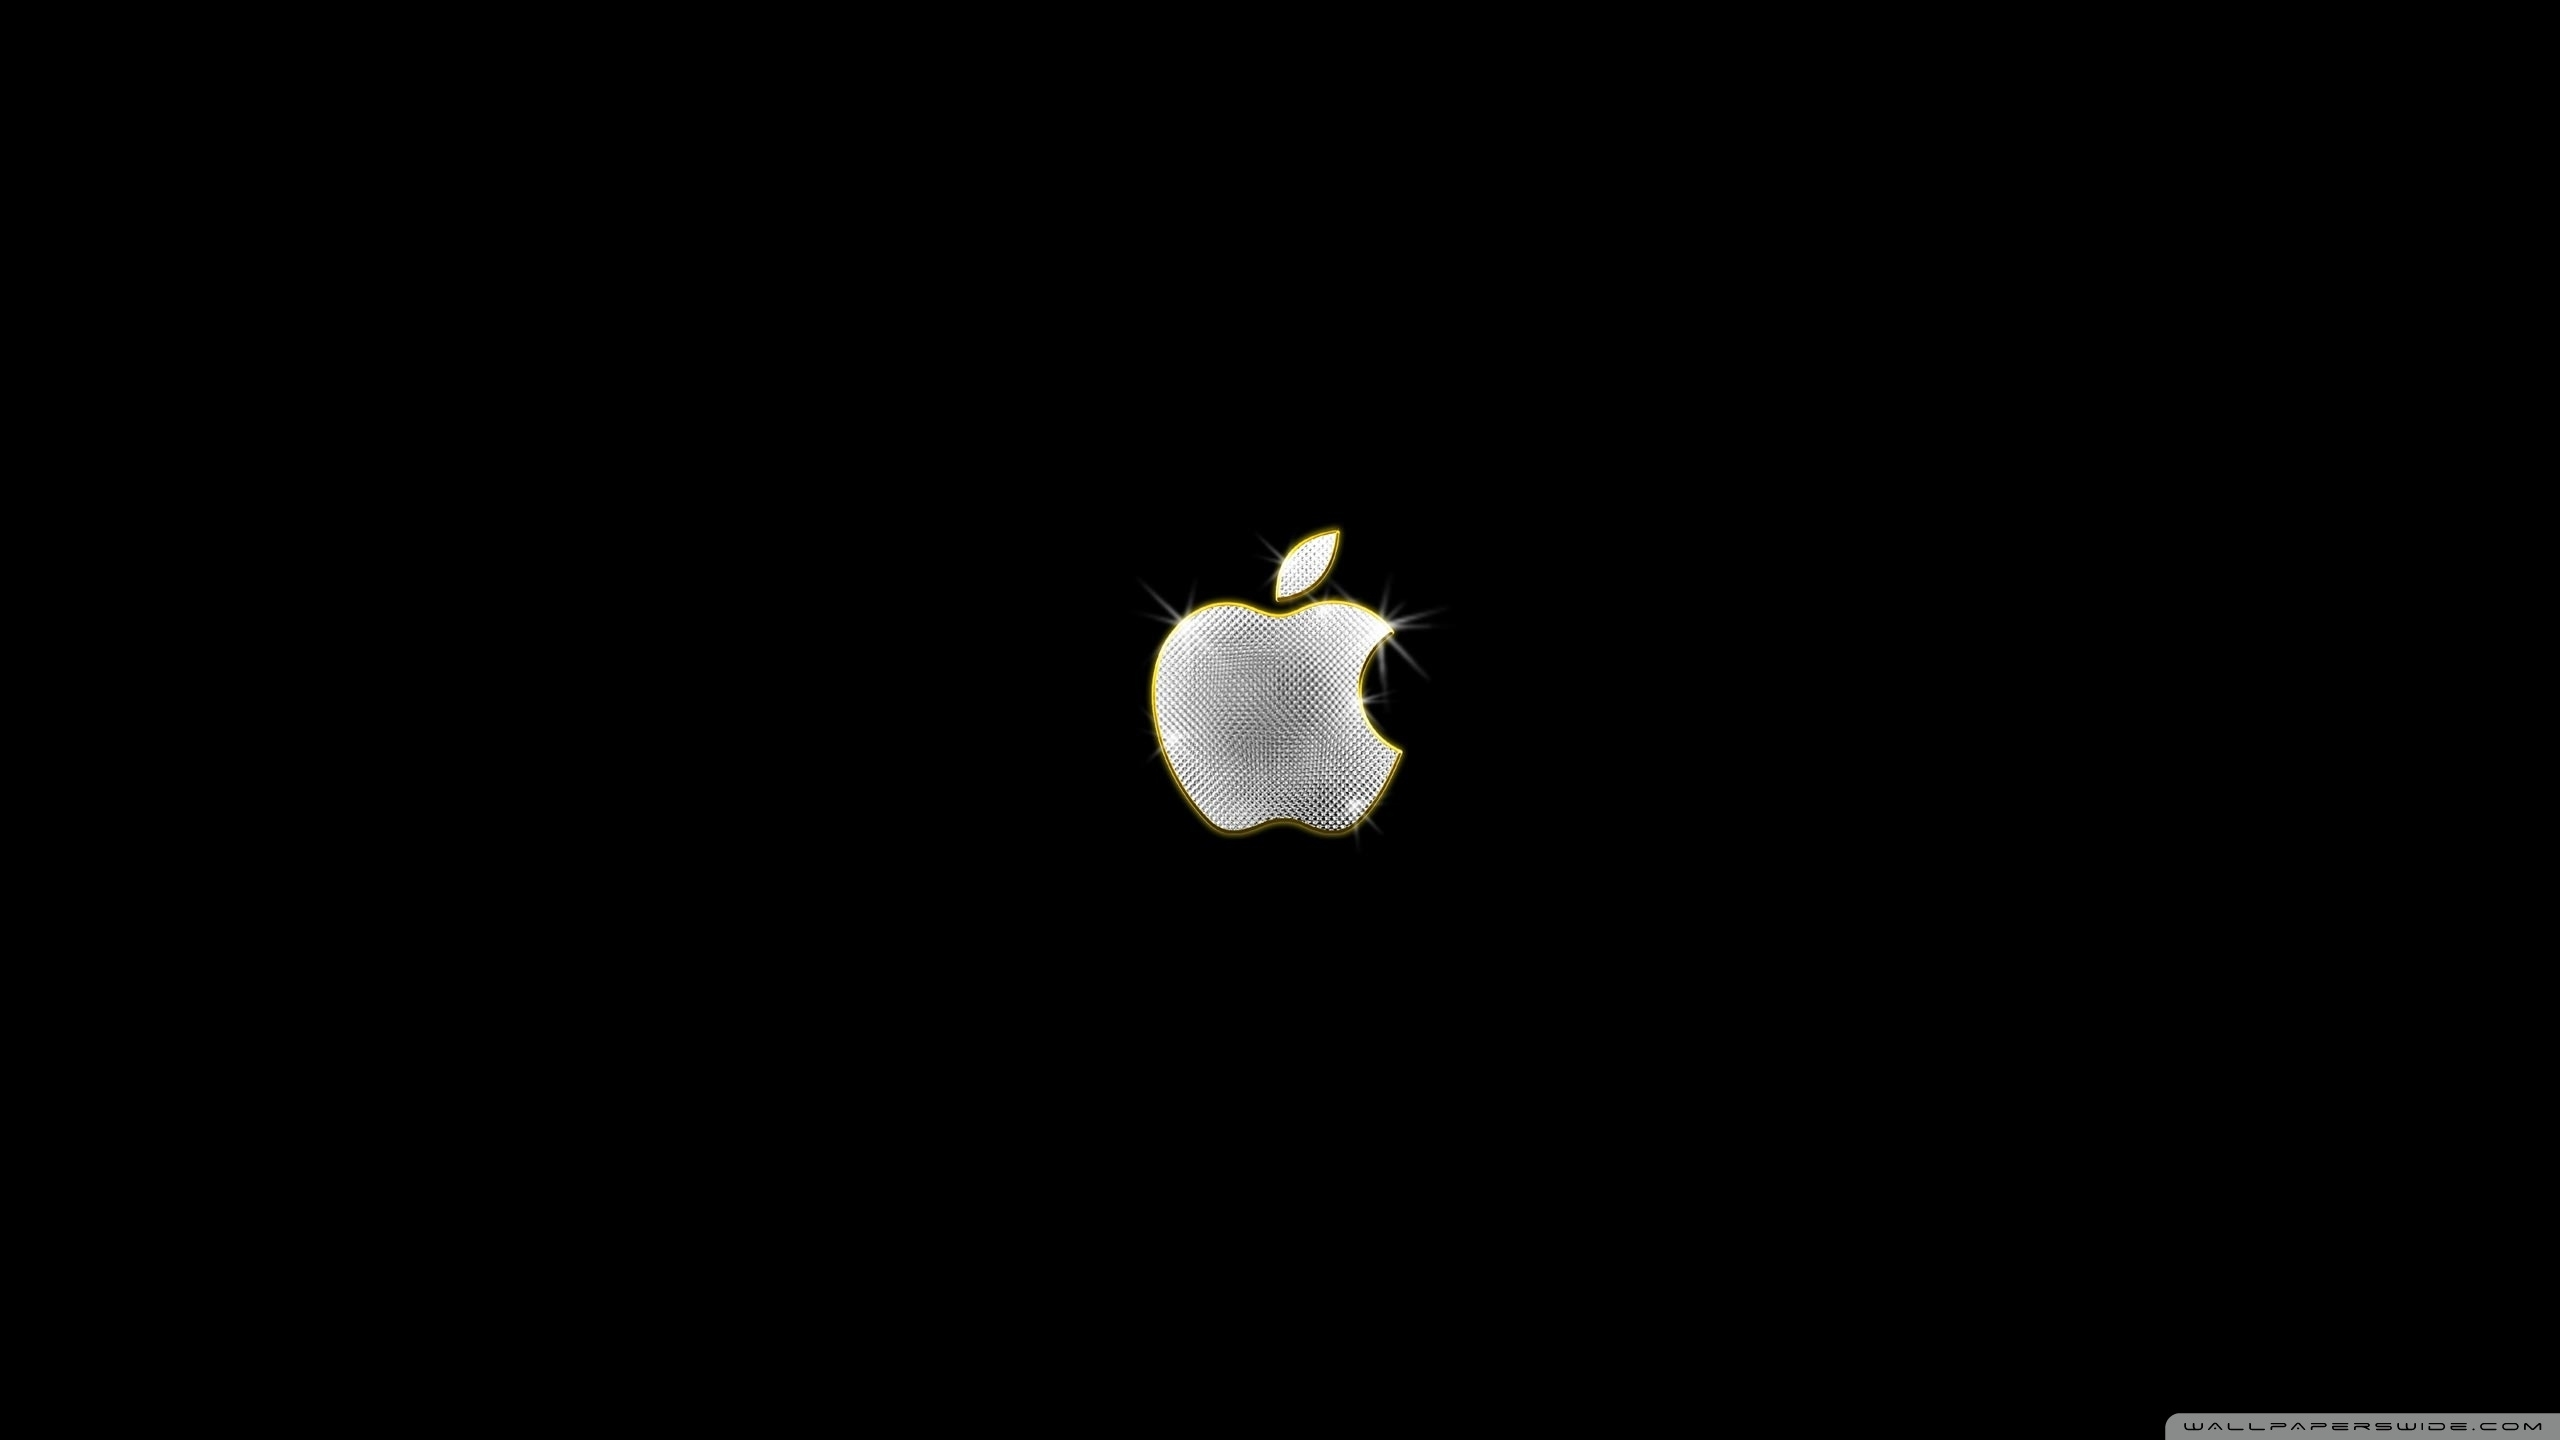 shiny apple logo ❤ 4k hd desktop wallpaper for 4k ultra hd tv